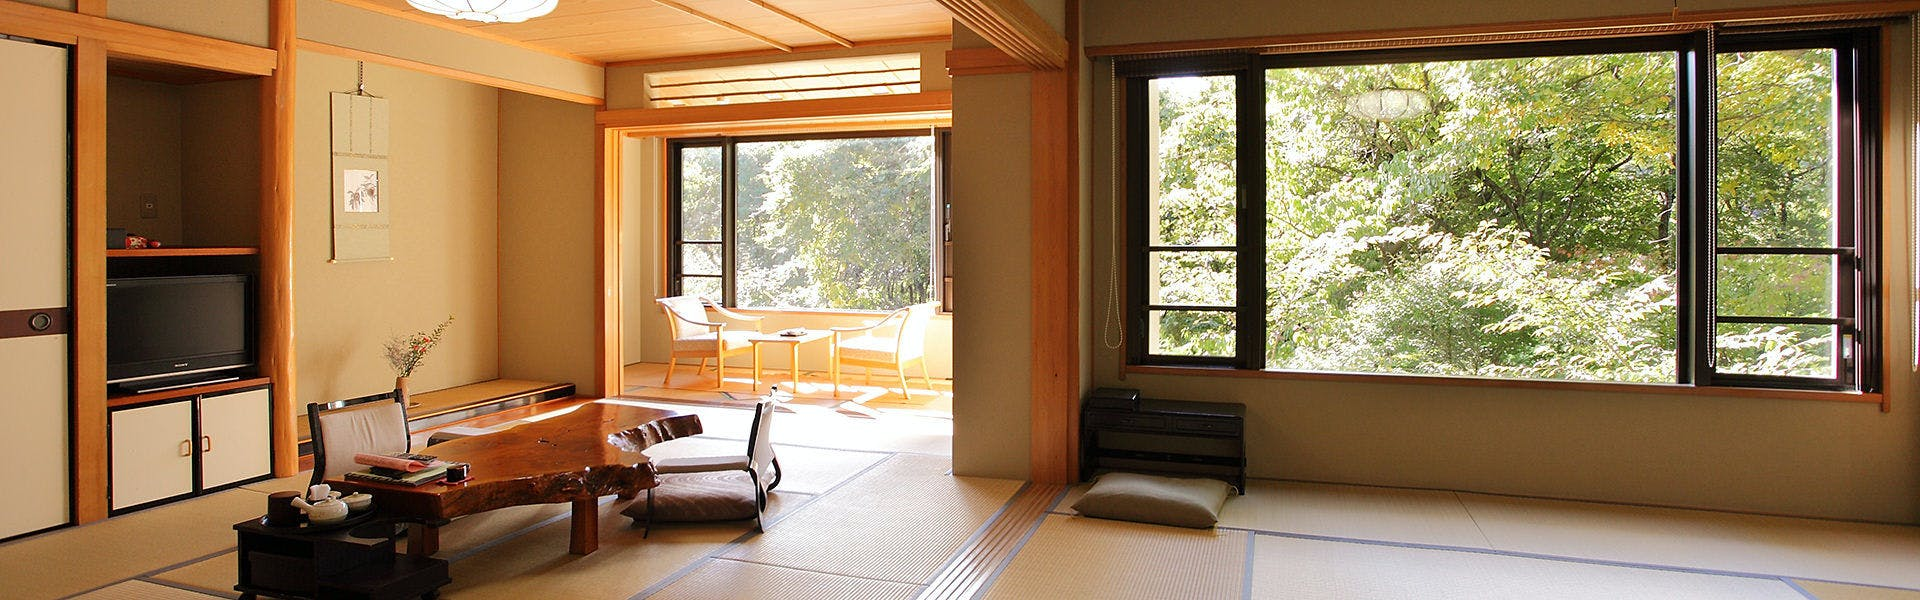 記念日におすすめのホテル・【仙郷】の写真1